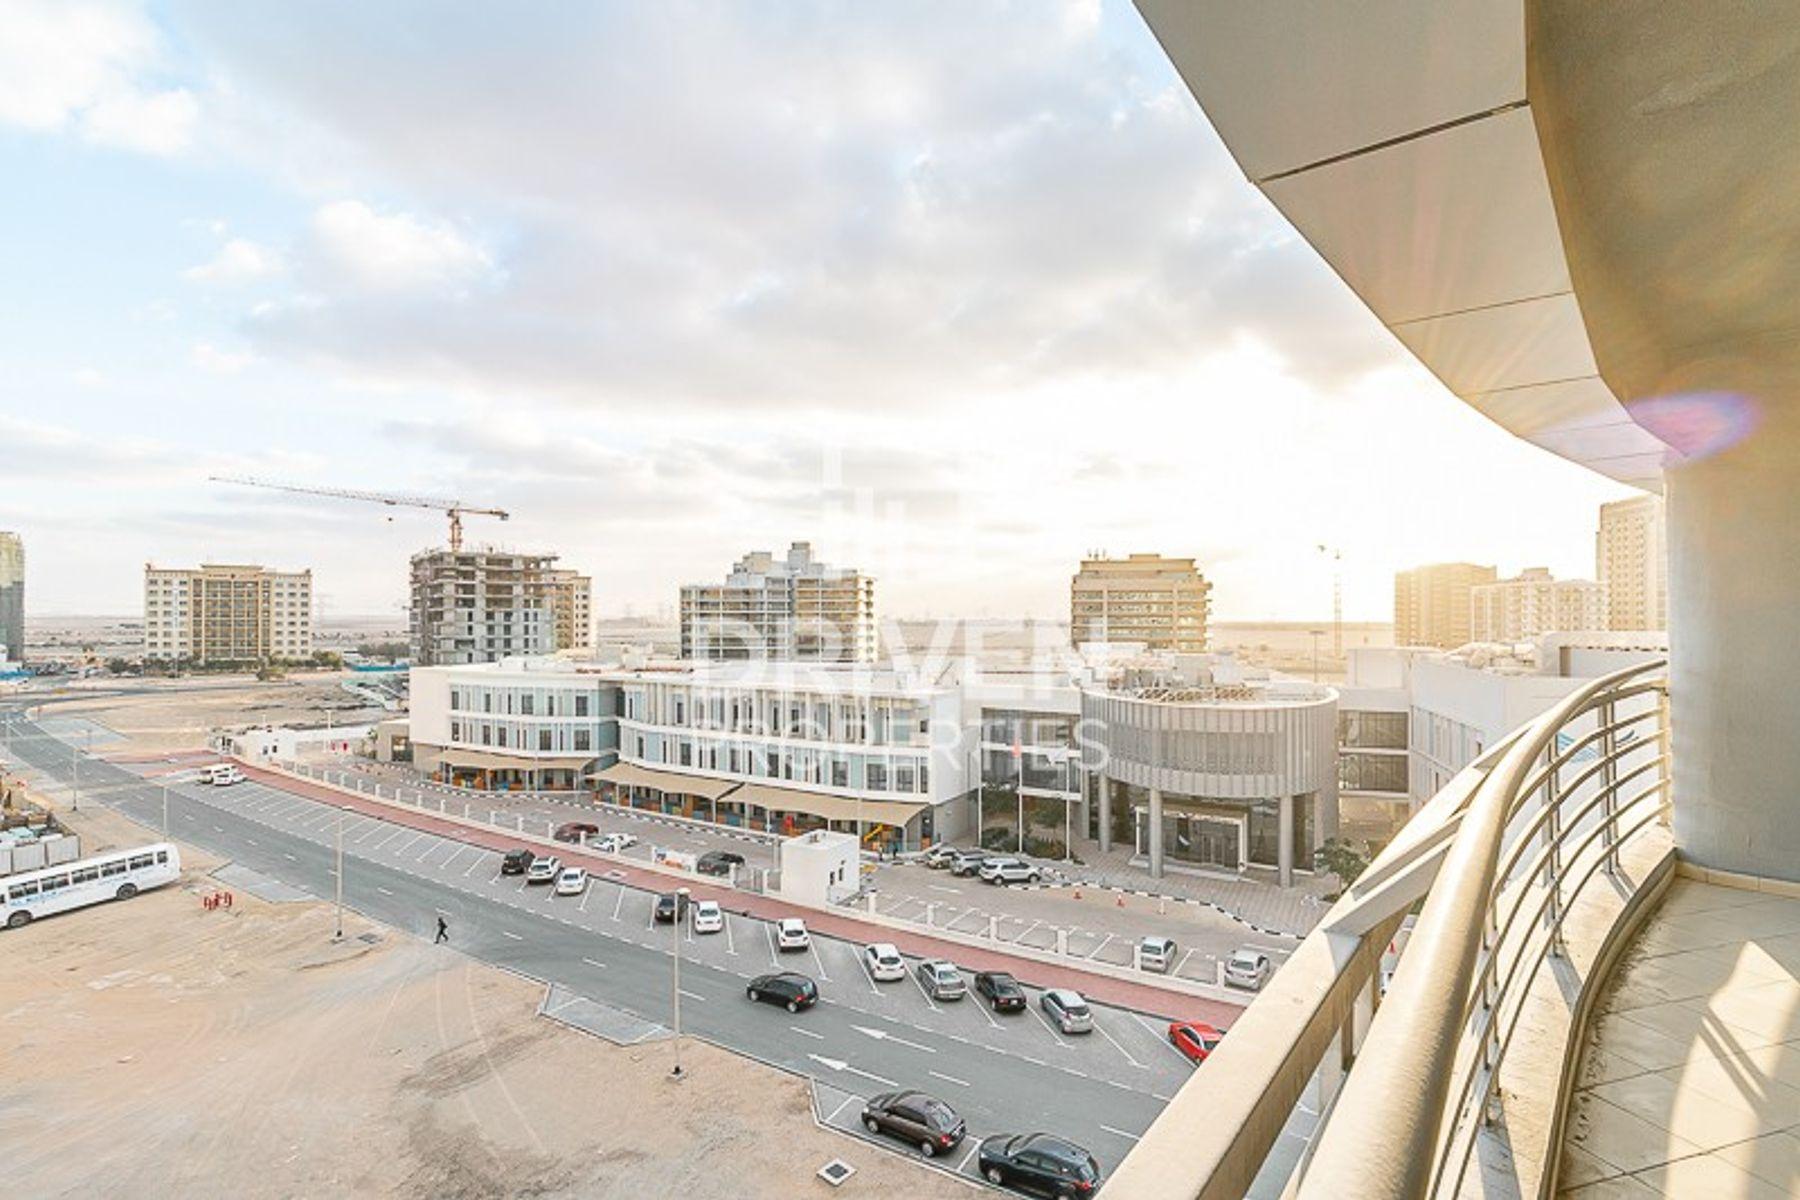 للبيع - شقة - دزارت سان - مجمع دبي ريزيدنس